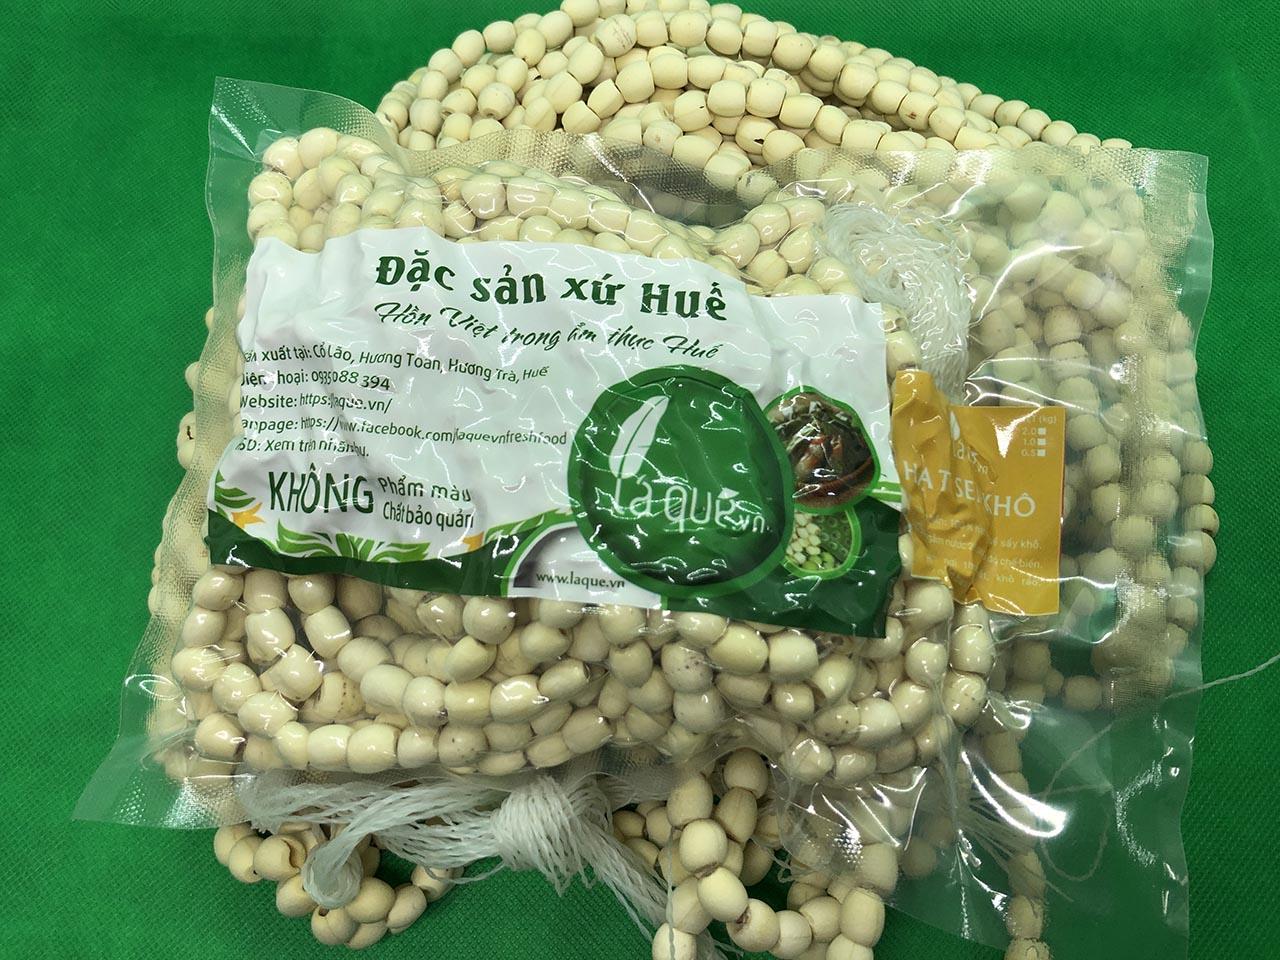 hạt sen khô huế, hạt sen khô, hạt sen huế, hạt sen huế khô, sen huế, đặc sản Huế, đặc sản huế lá quê, đặc sản hạt sen huế, hạt sen huế lá quê